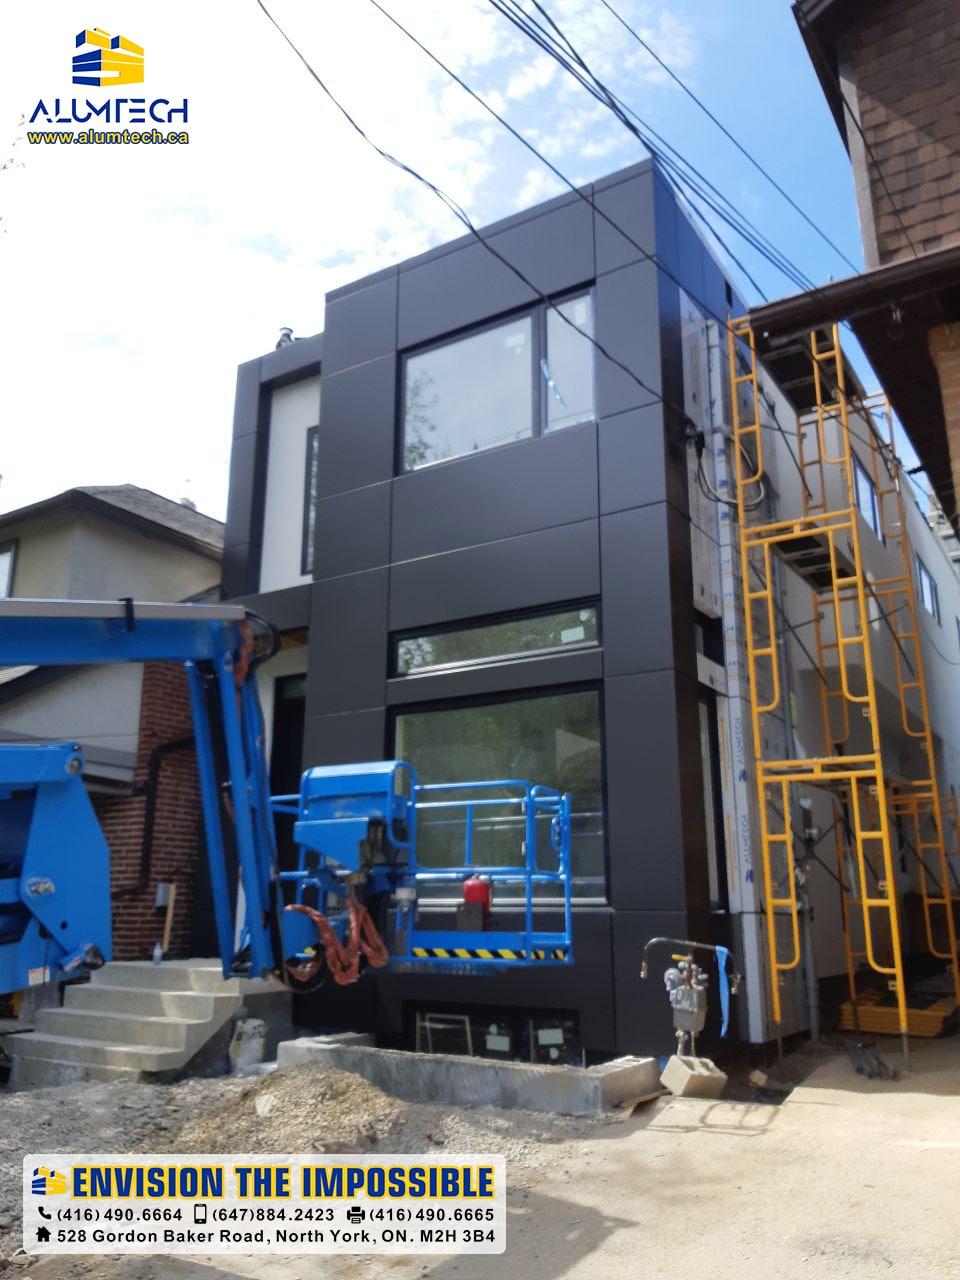 acp acm aluminum composite panels Alumtech residential projects (4)